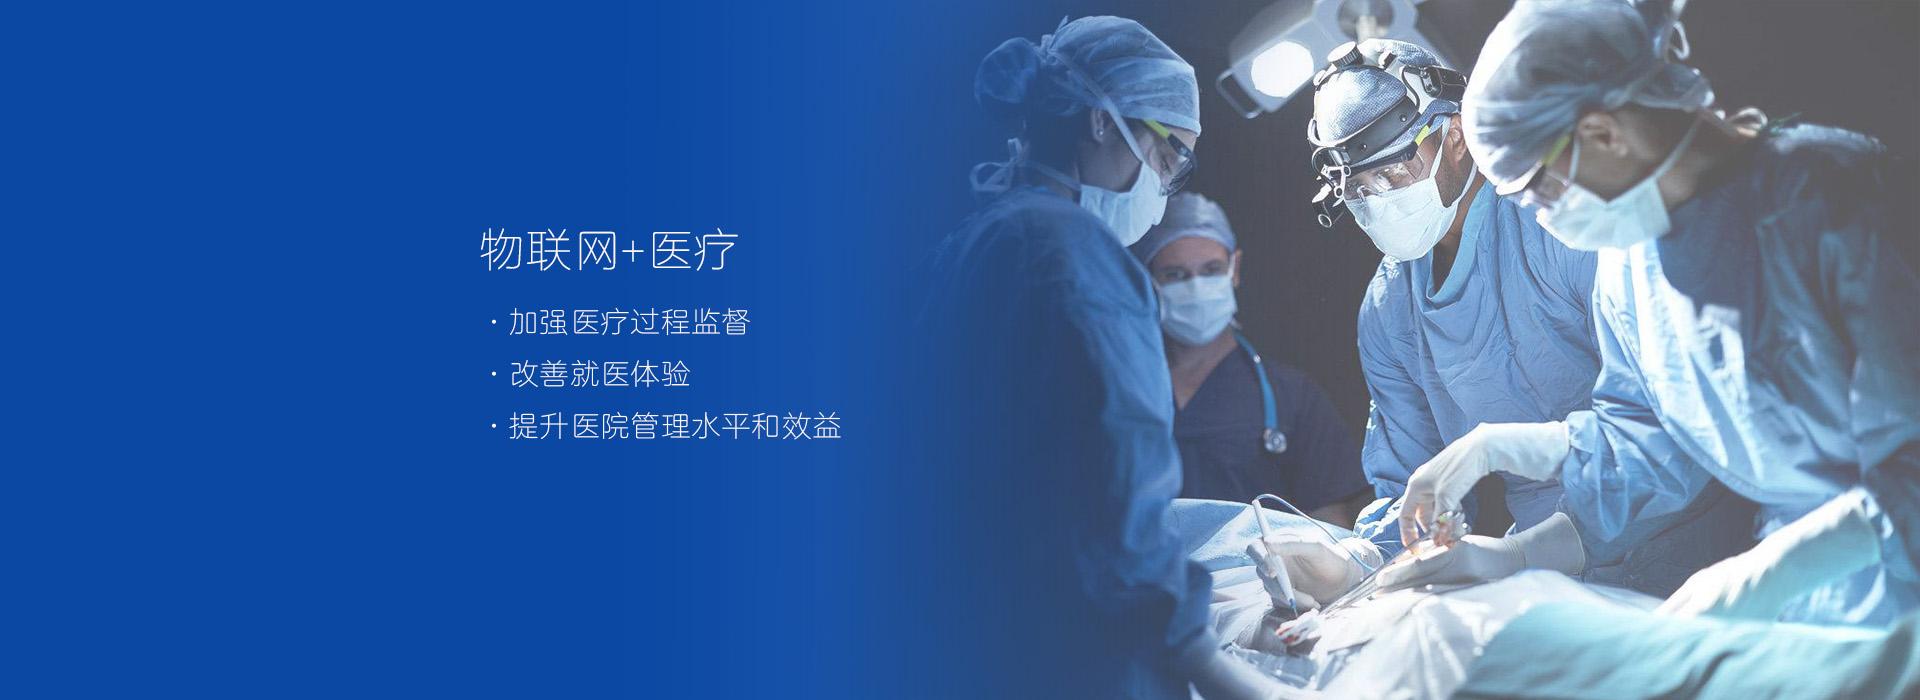 筠云科技 多网融合医疗物联网解决方案,四网合一,医疗物联网,医疗无线网络,病患监护系统,智能输液监护,RFID定位,母婴安全管理,资产管理,医学装备智能管理